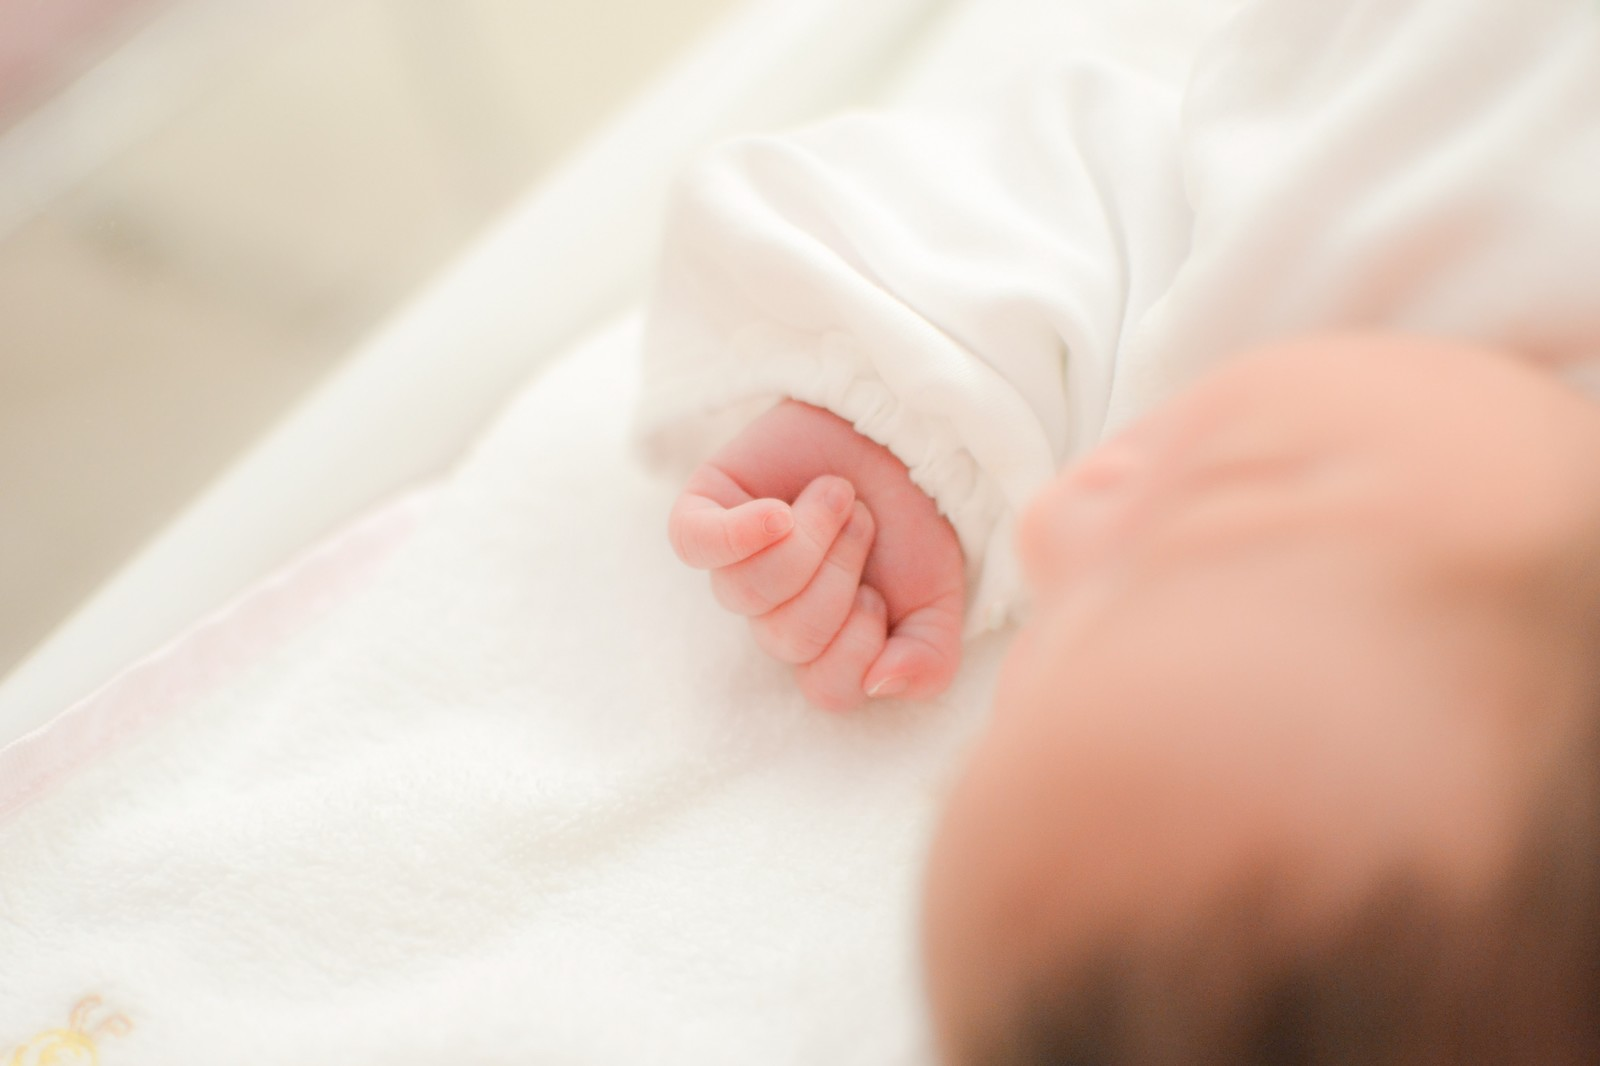 出産準備品…意外と必要ないかも?ベビー服の購入は慎重に